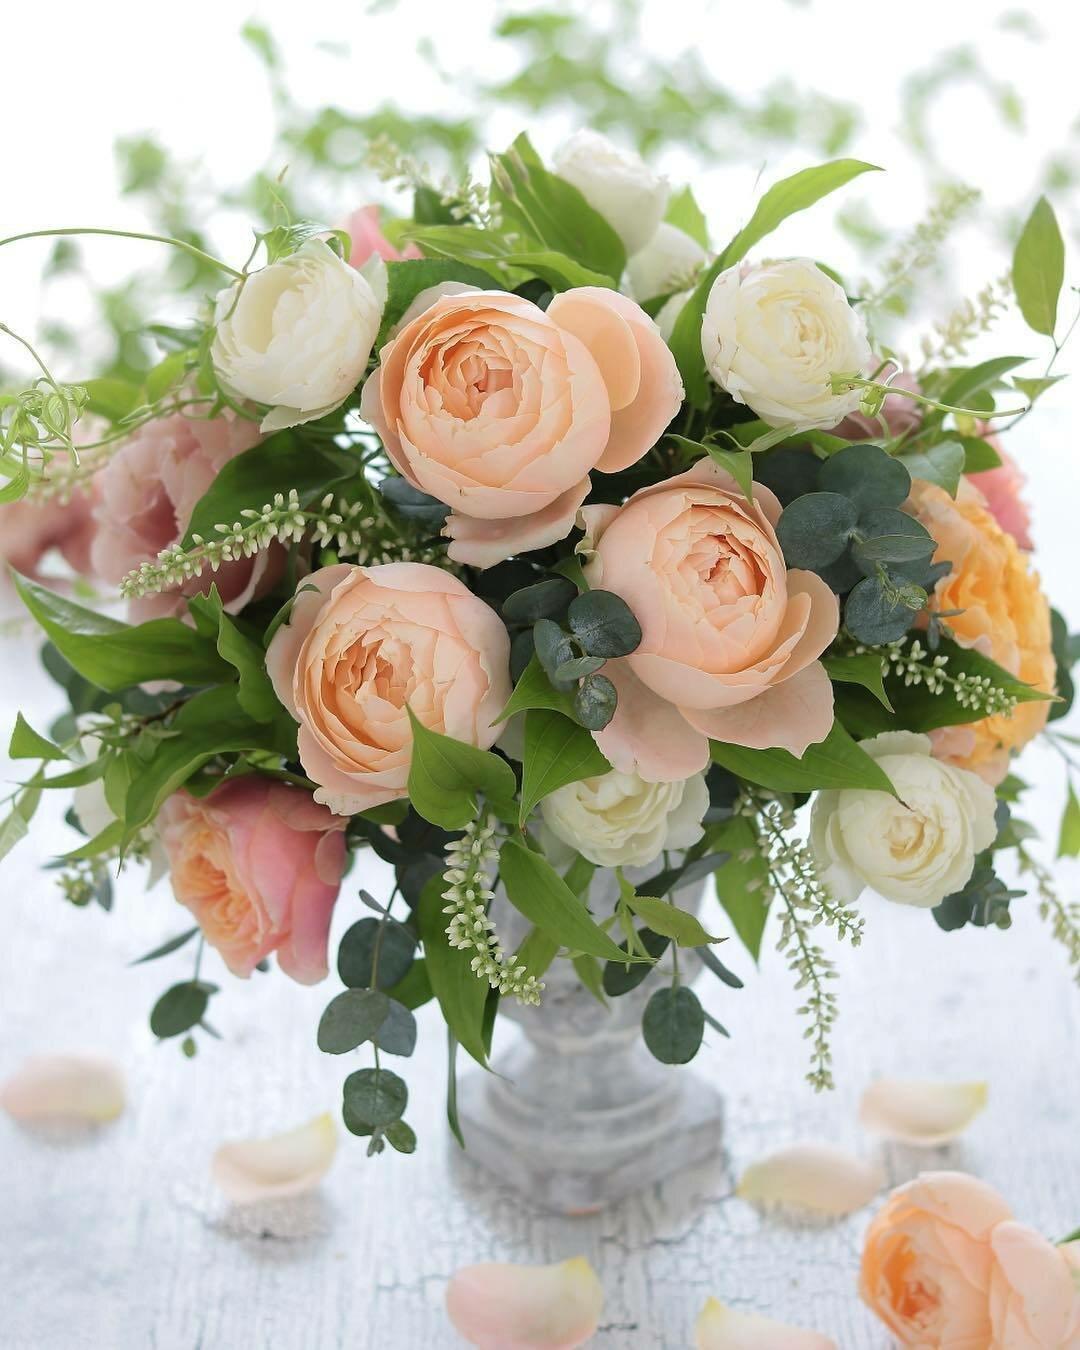 Цветы поздравление девушке